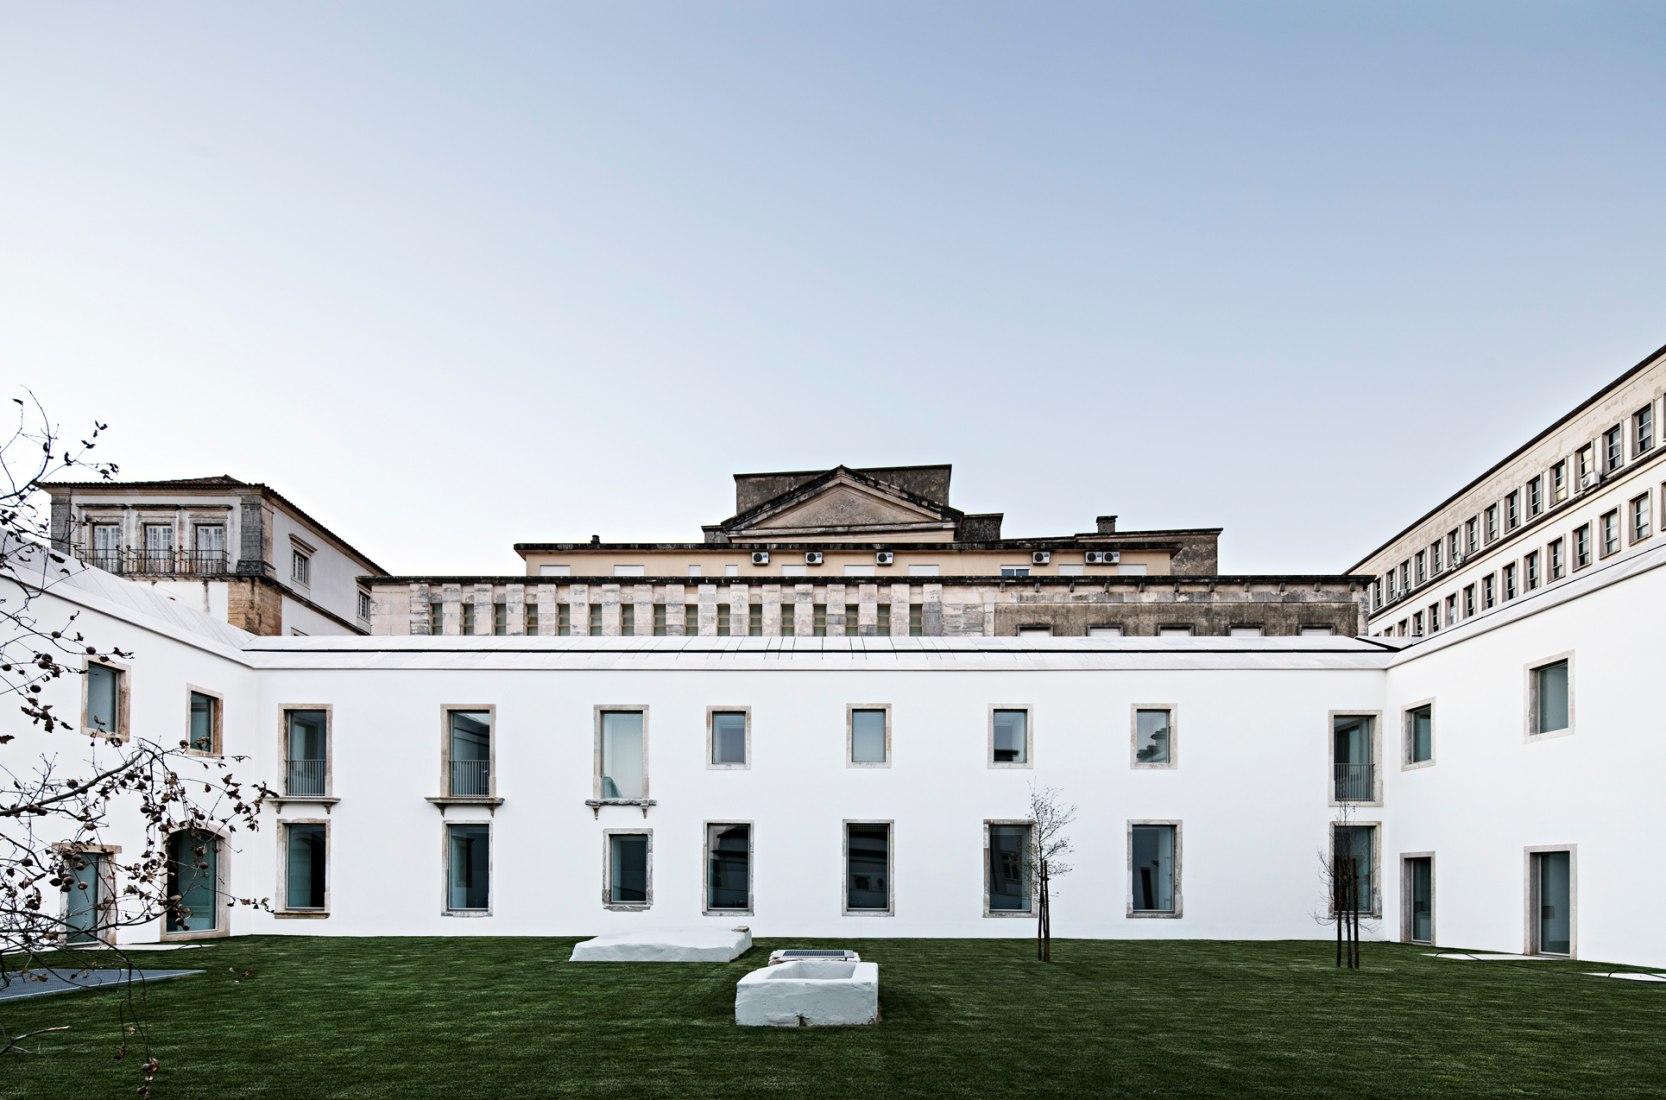 Renovación del Trinity College - Colegio Europeo por Aires Mateus. Fotografía © Nelson Garrido.